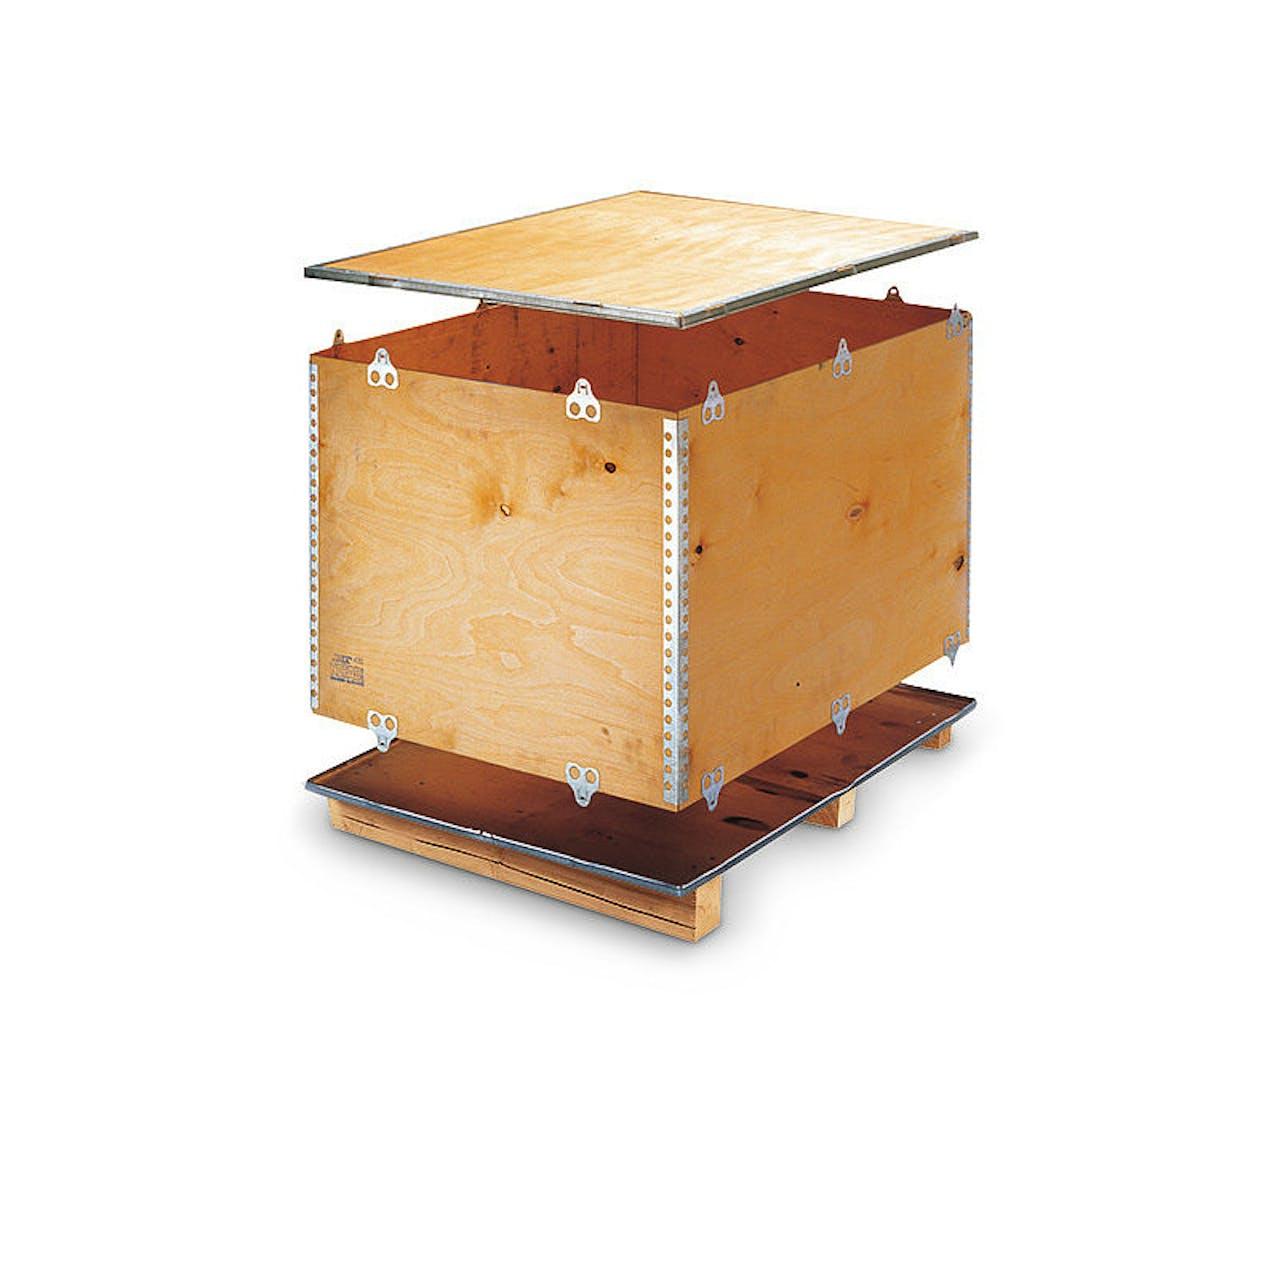 Holzfaltkiste mit Kufen, 1180 x 980 x 980 mm, Industrie-Maß, Eigengewicht 46 kg